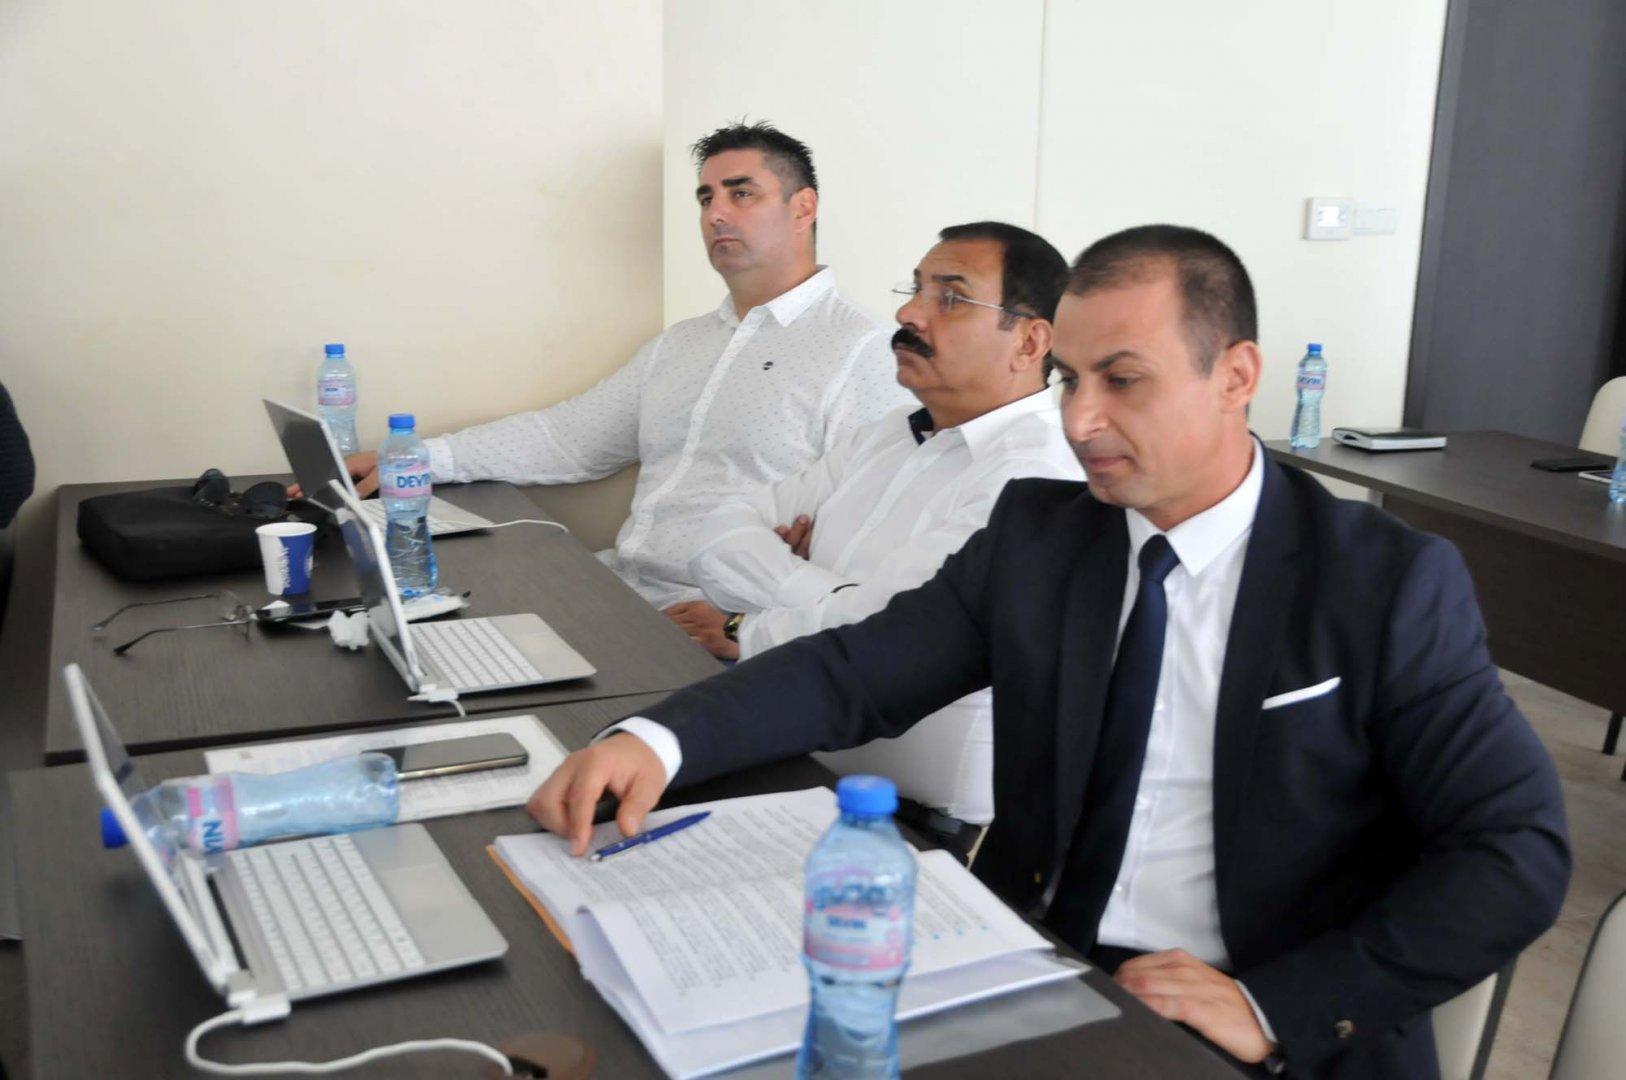 Независимият съветник Живко Табаков (вдясно) зададе няколко въпроса по отношение на докладната записка. Снимки Лина Главинова